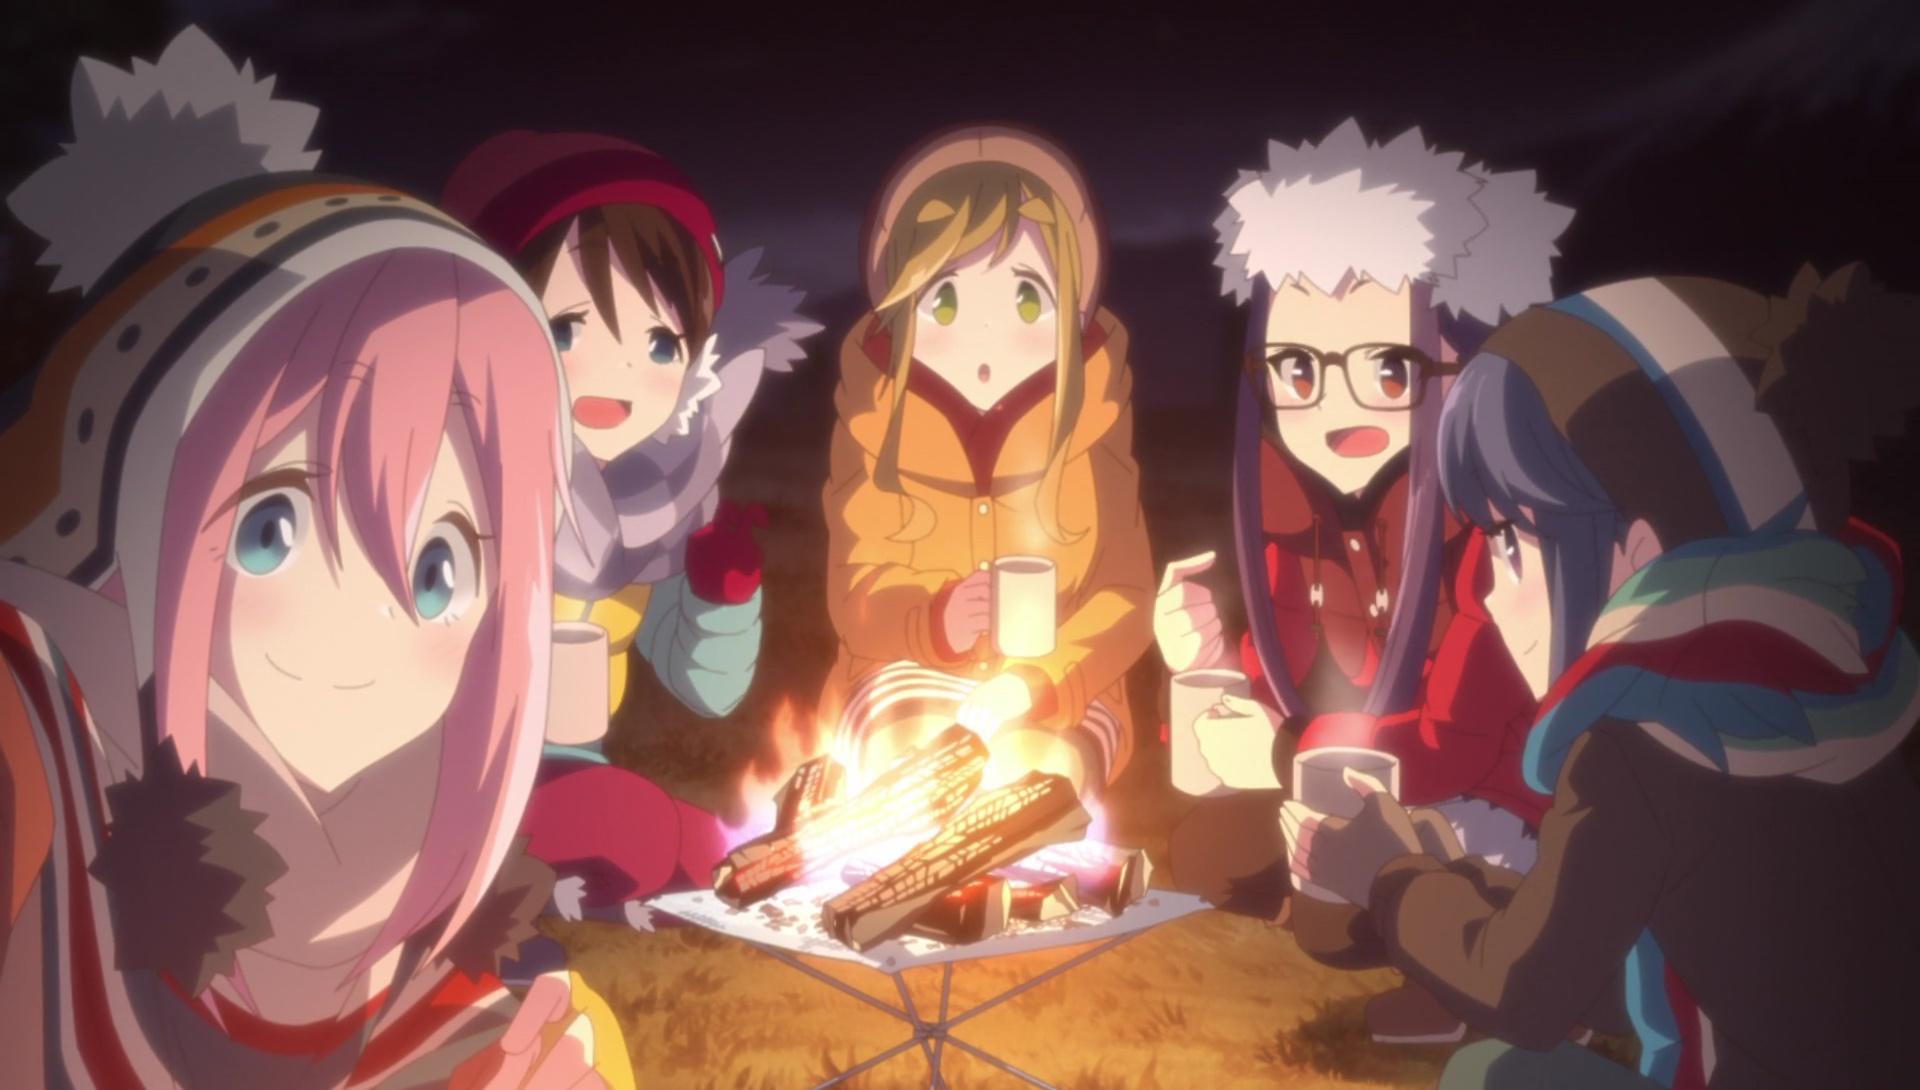 Risultati immagini per yuru camp anime seconda stagione